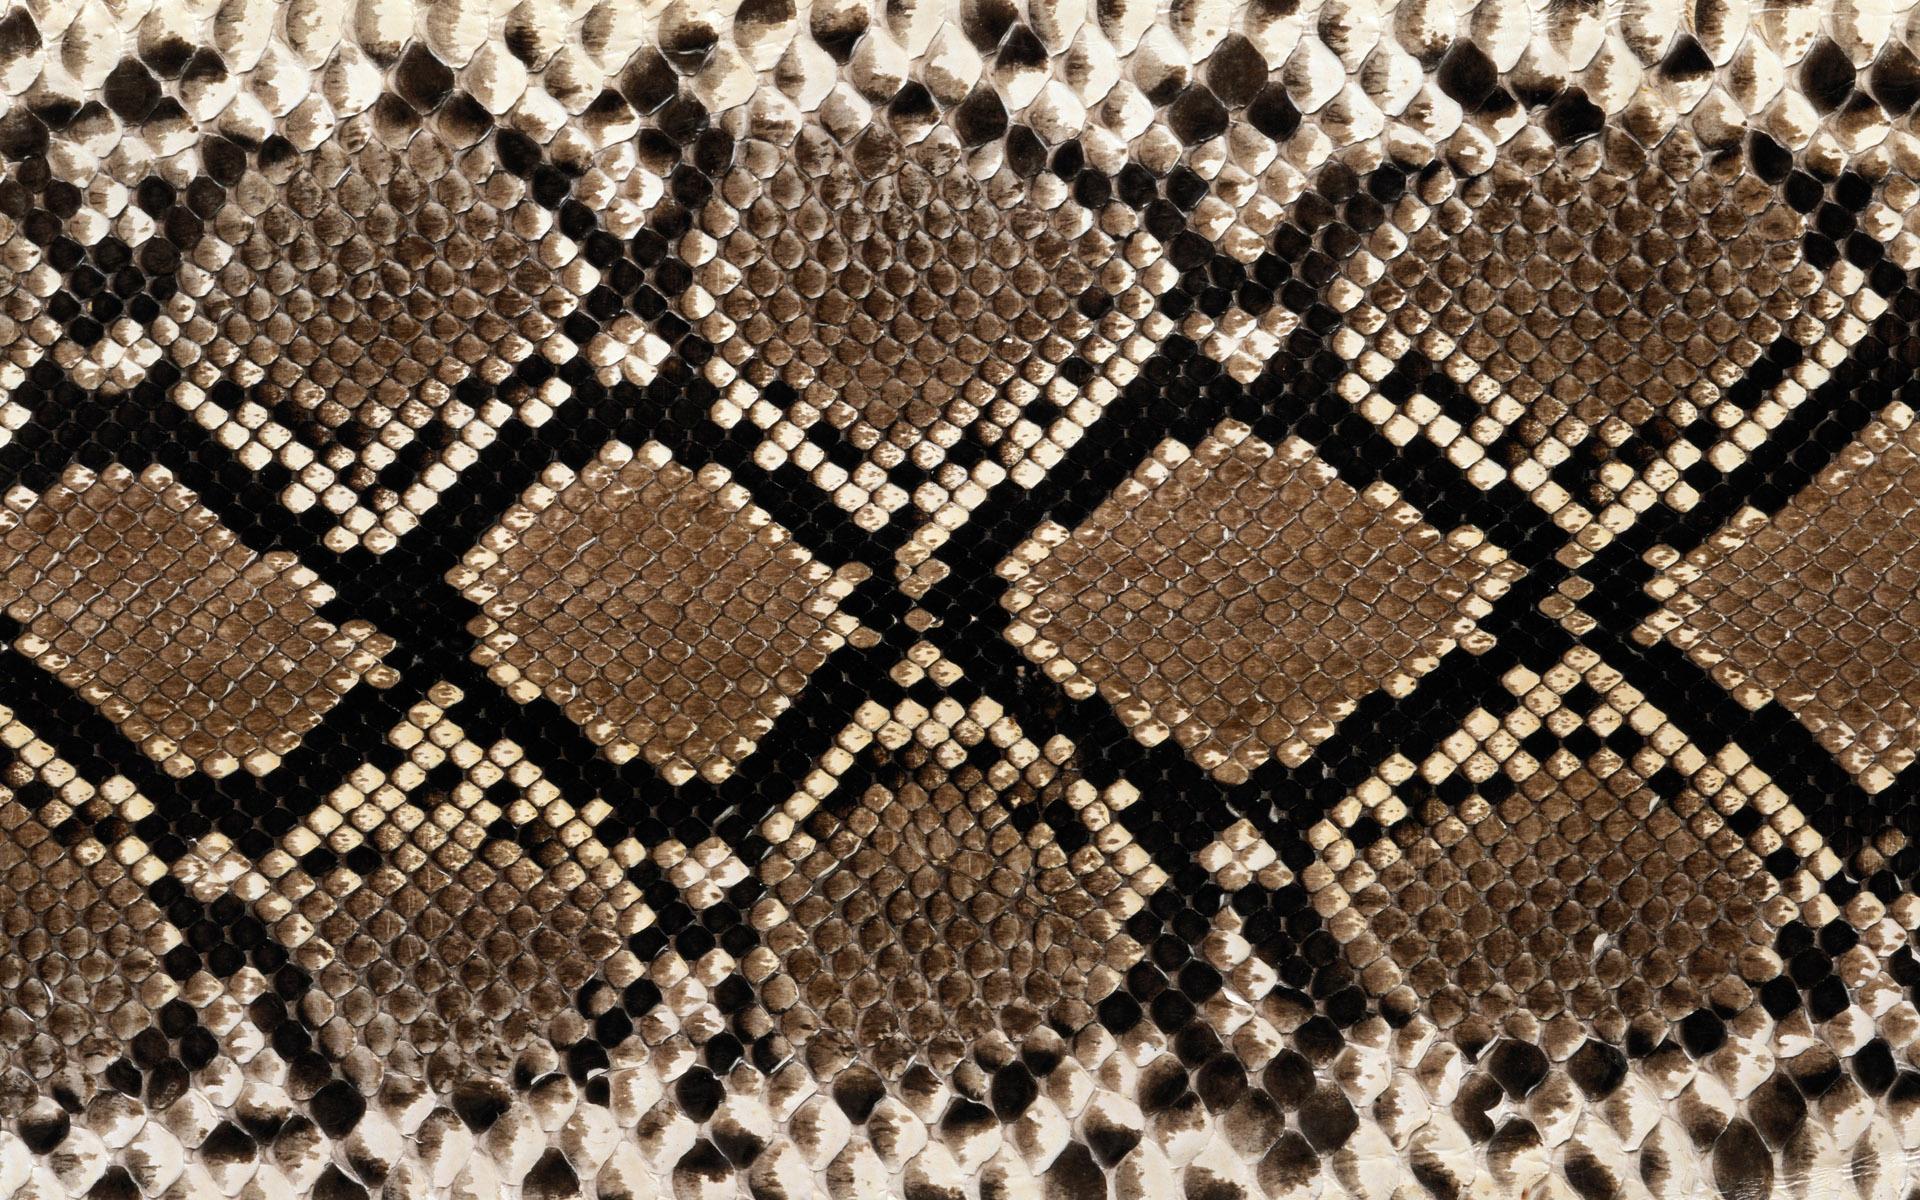 Textura de piel de boa - 1920x1200